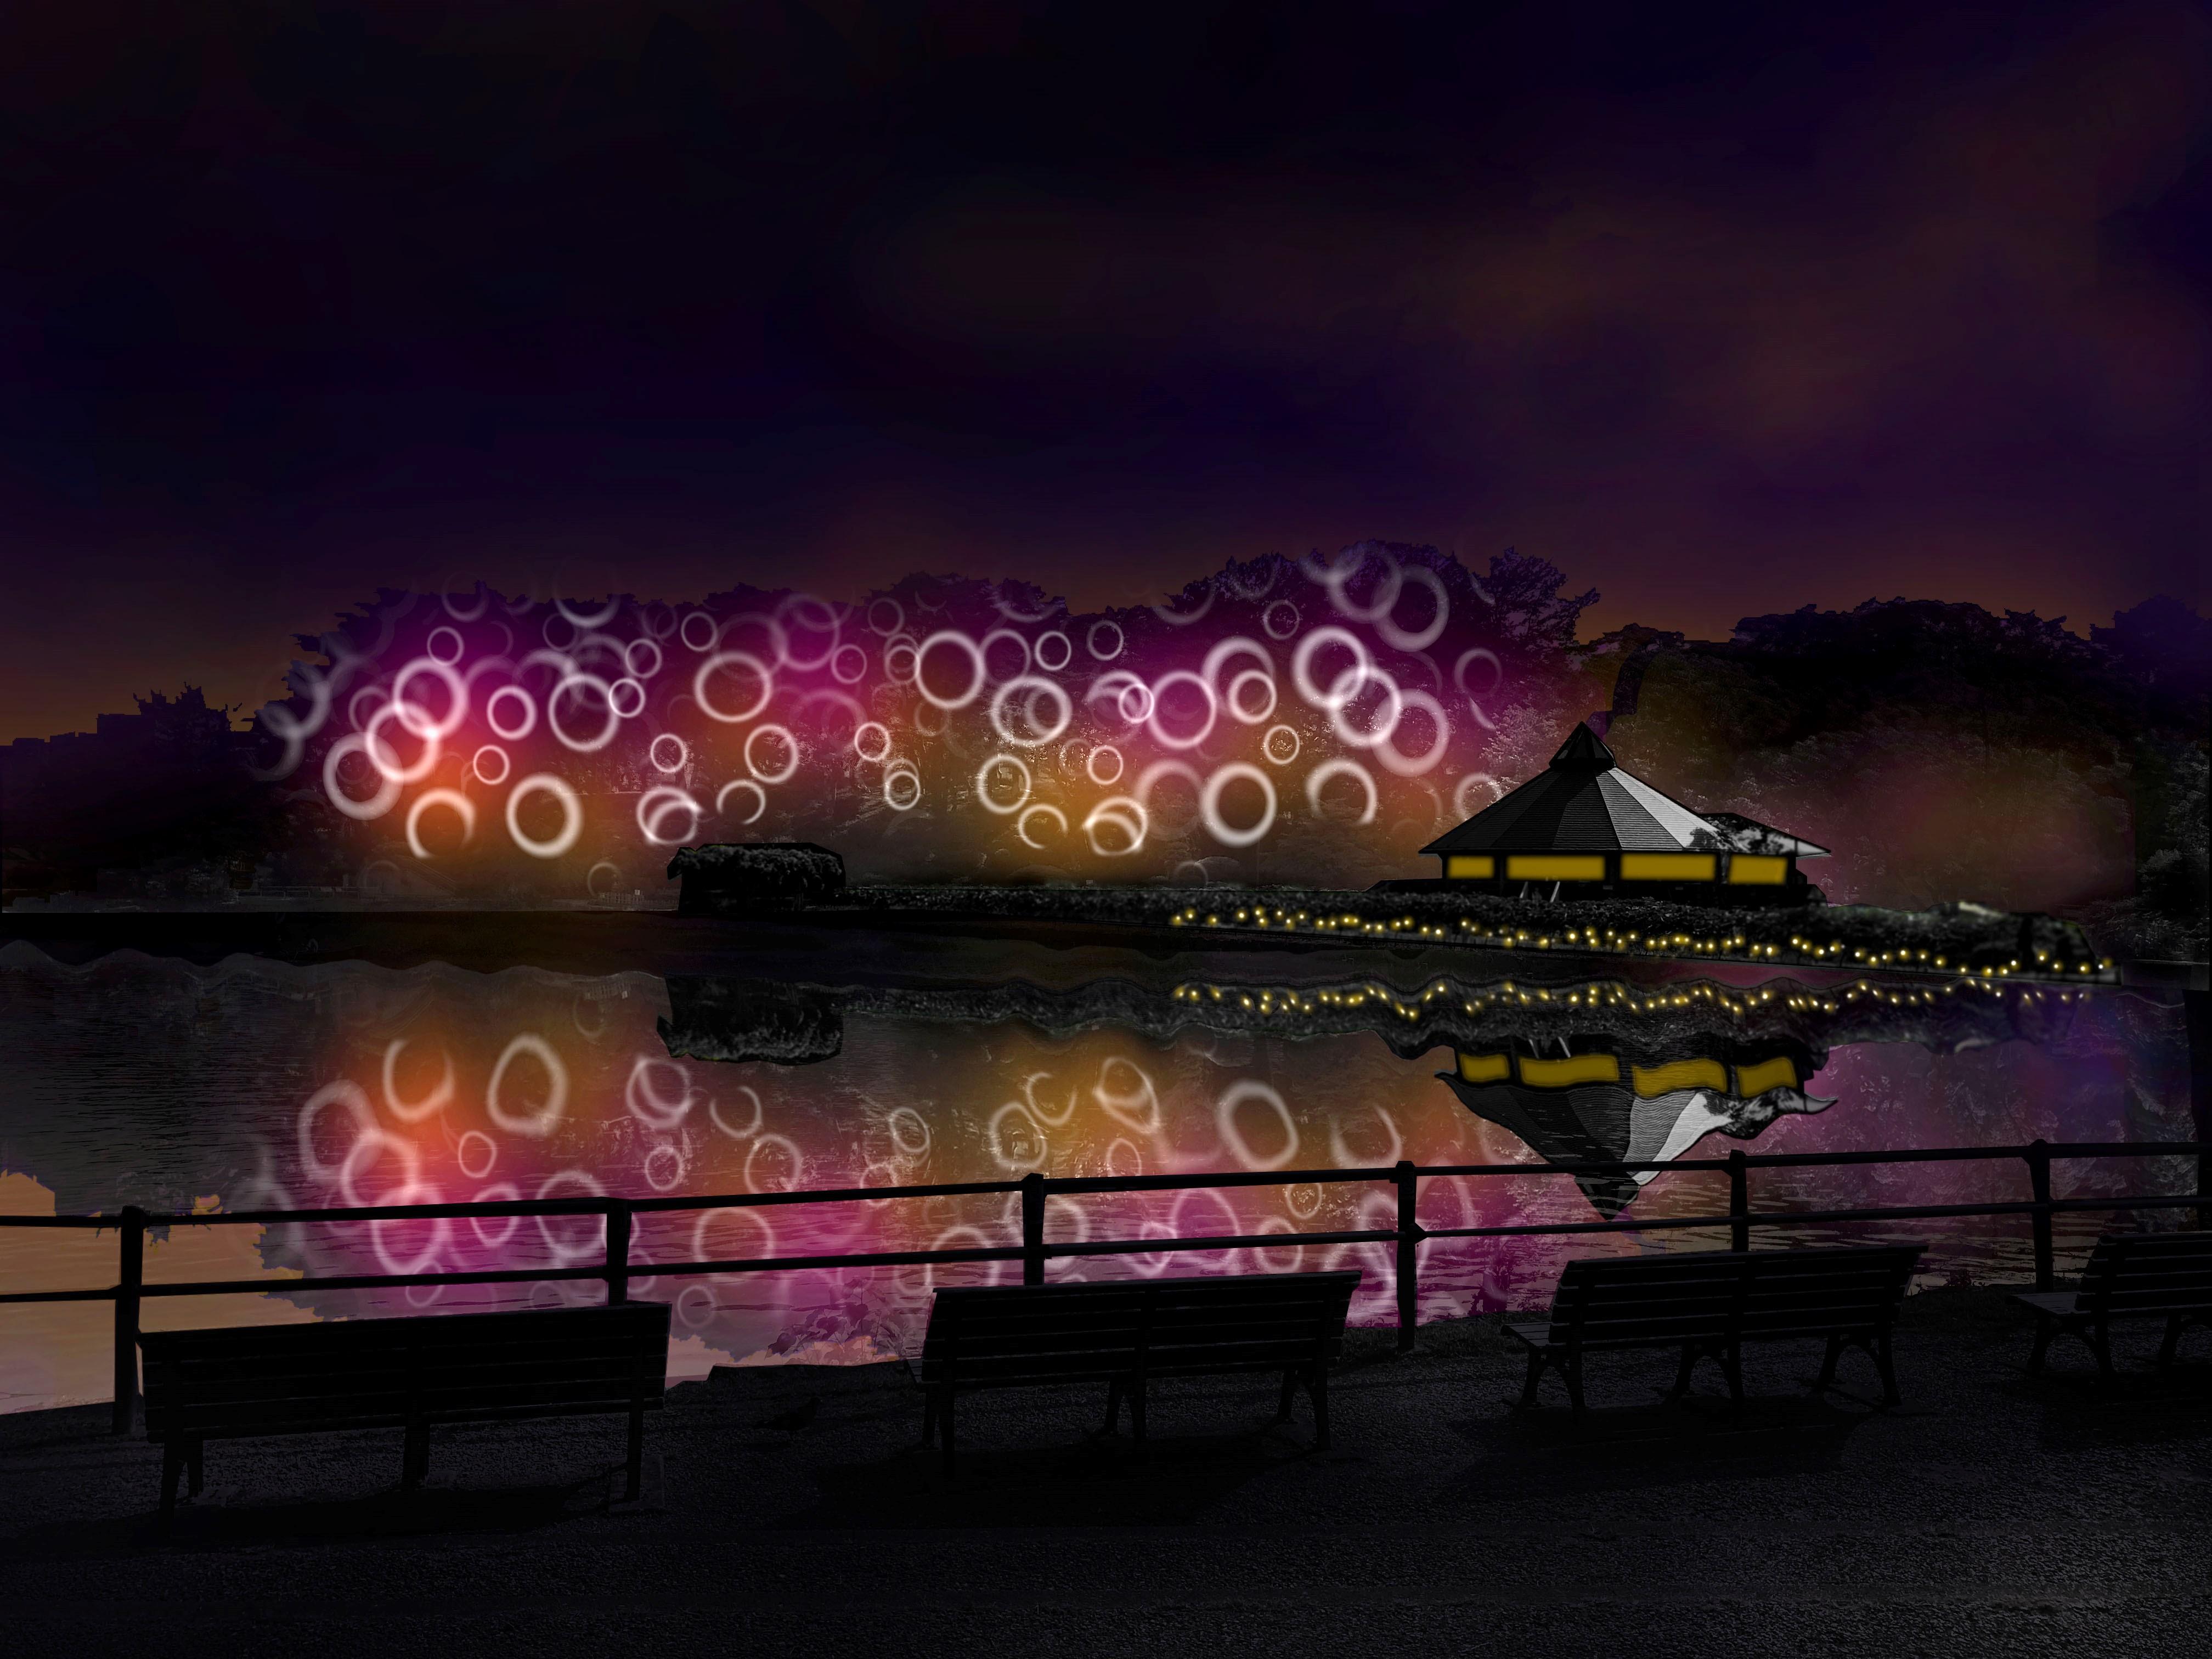 yohas-2021-night-park-gallery1-2-2